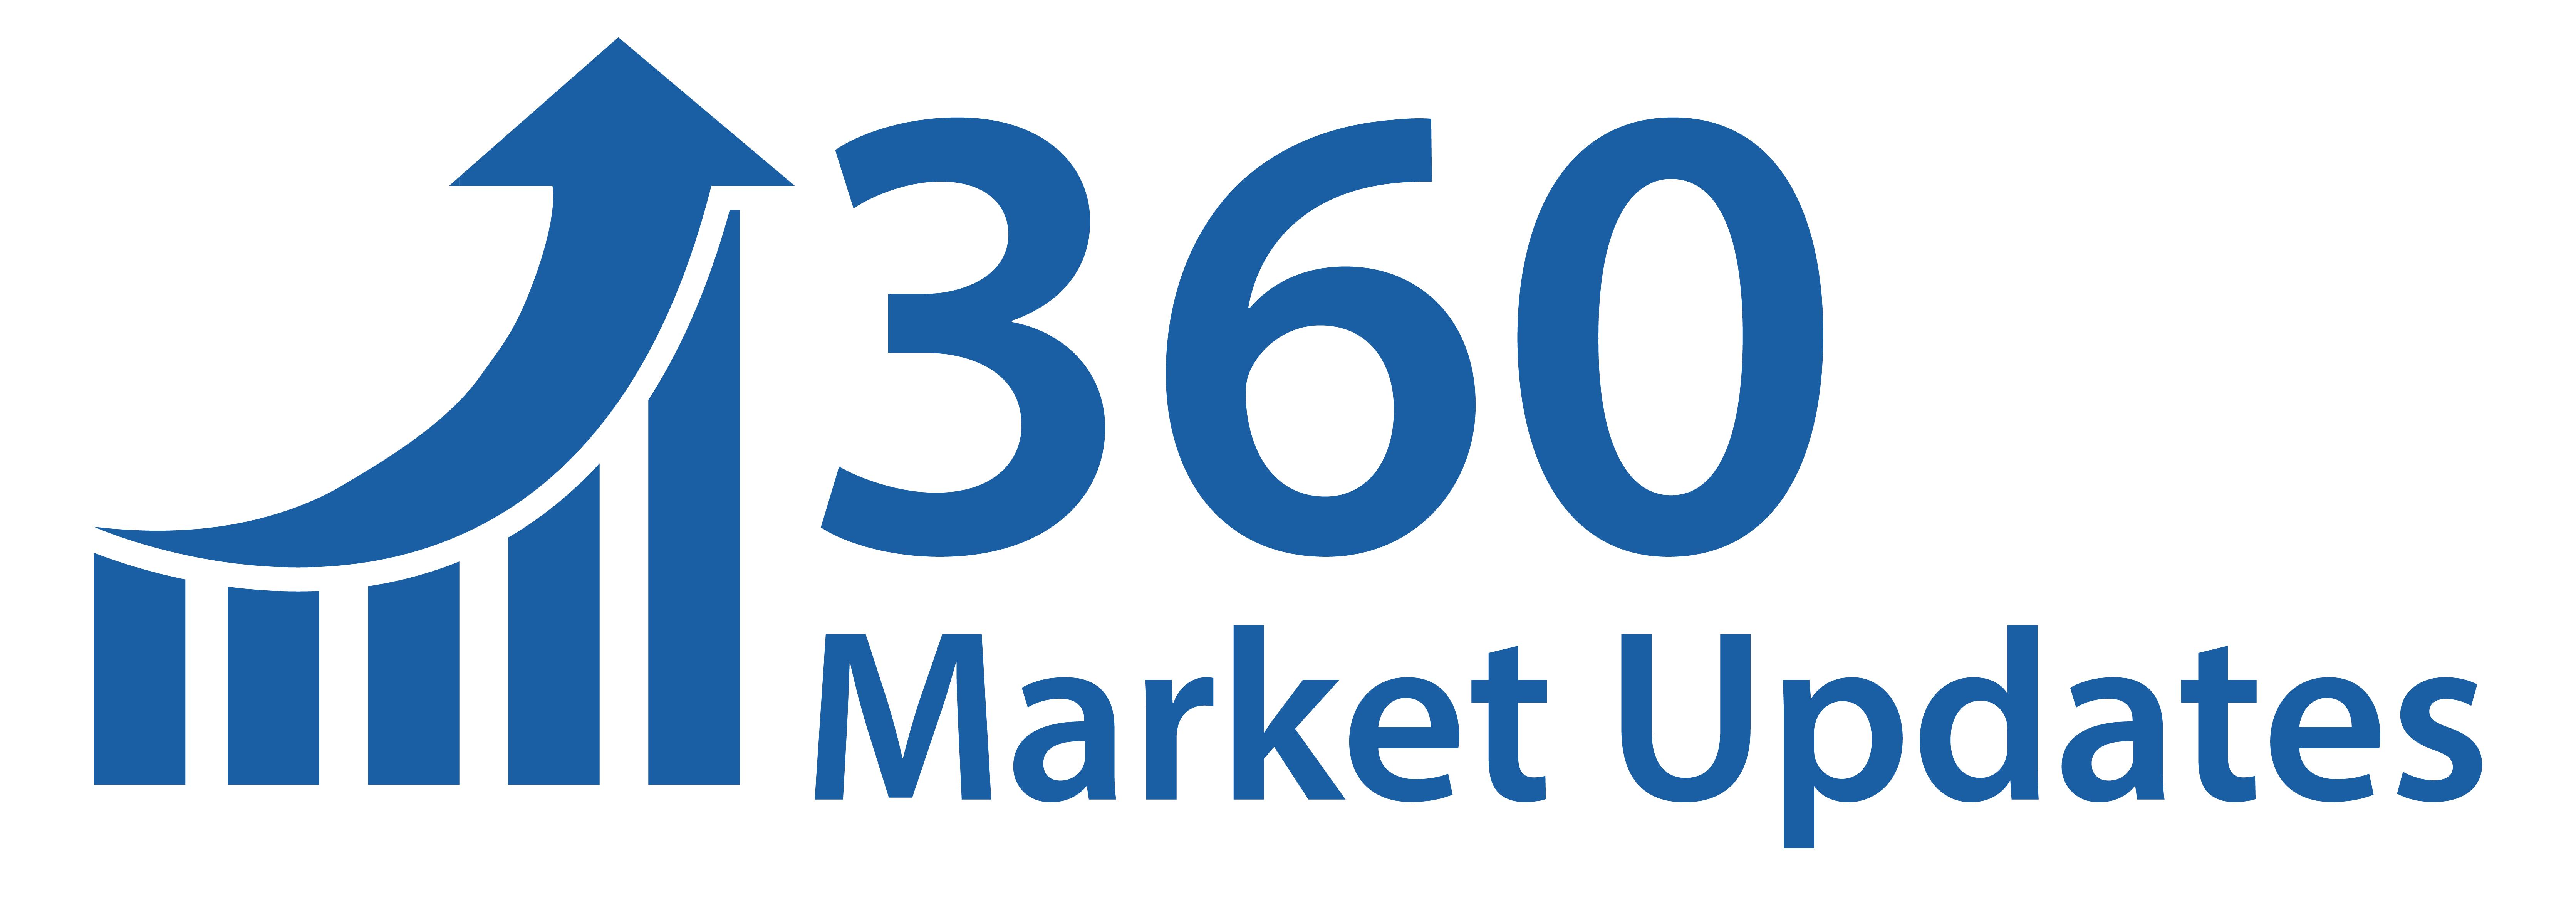 Elektrohandstücke Markt 2020 – Industrienachfrage, Aktie, Größe, Zukunftstrends Pläne, Wachstumschancen, Schlüsselakteure, Anwendung, Nachfrage, Branchenforschungsbericht von Regional Forecast to 2024 | 360 Markt-Updates